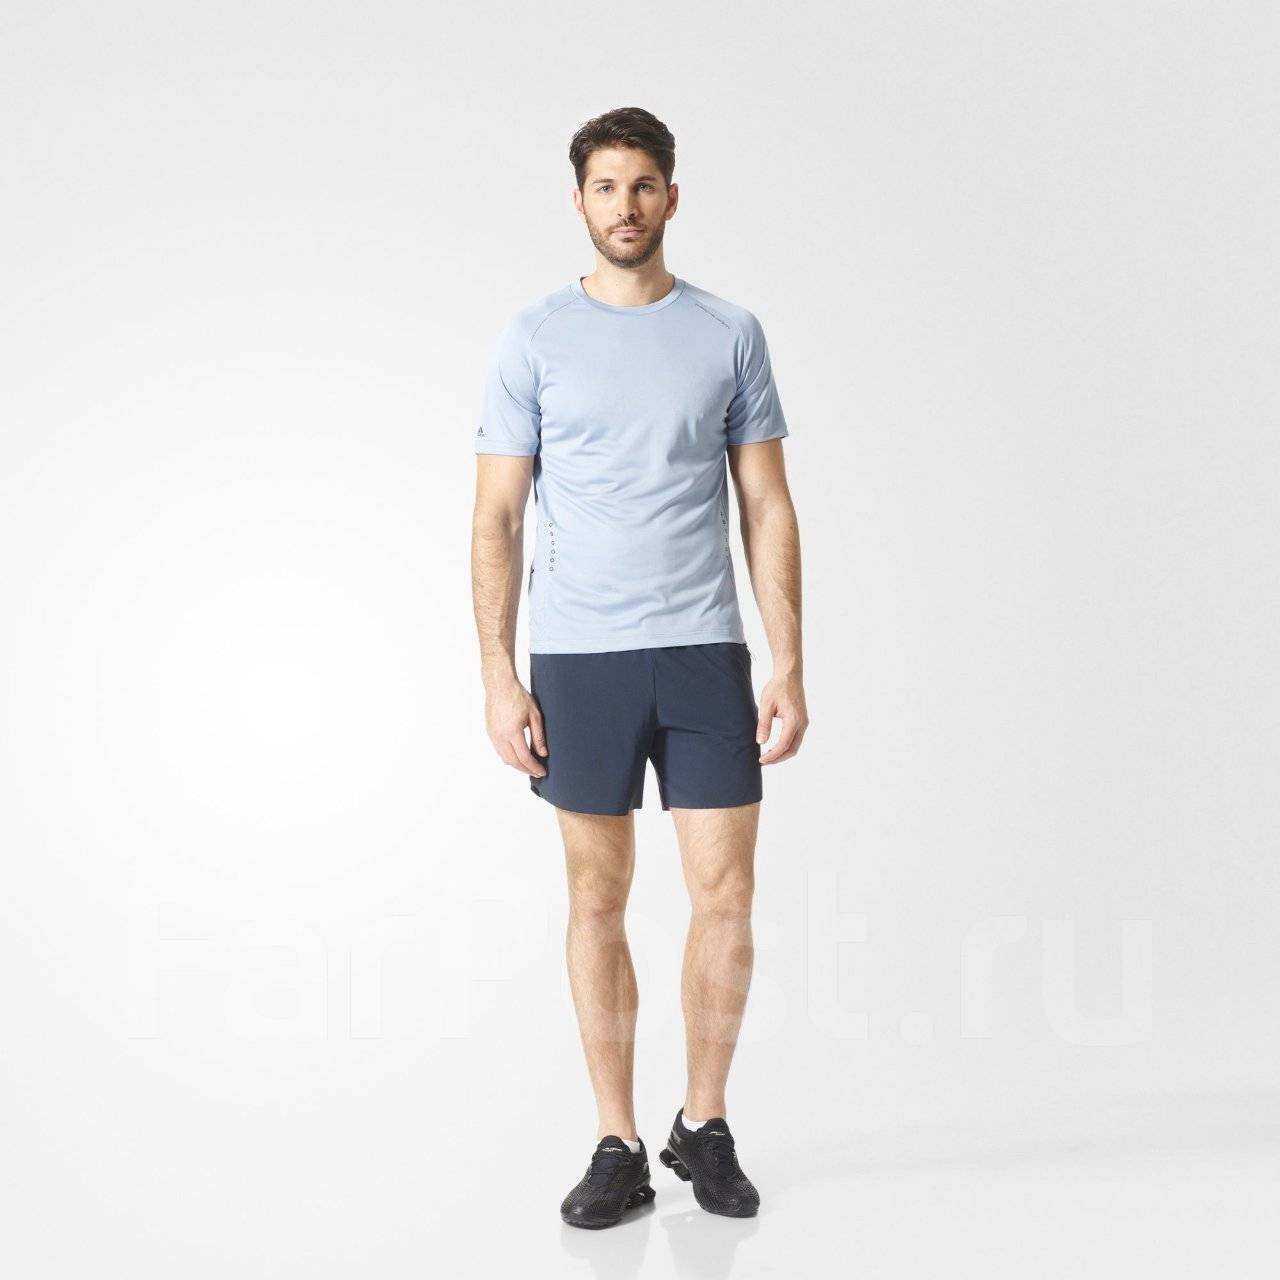 Мужская спортивная одежда 0fbdb3d1c7c